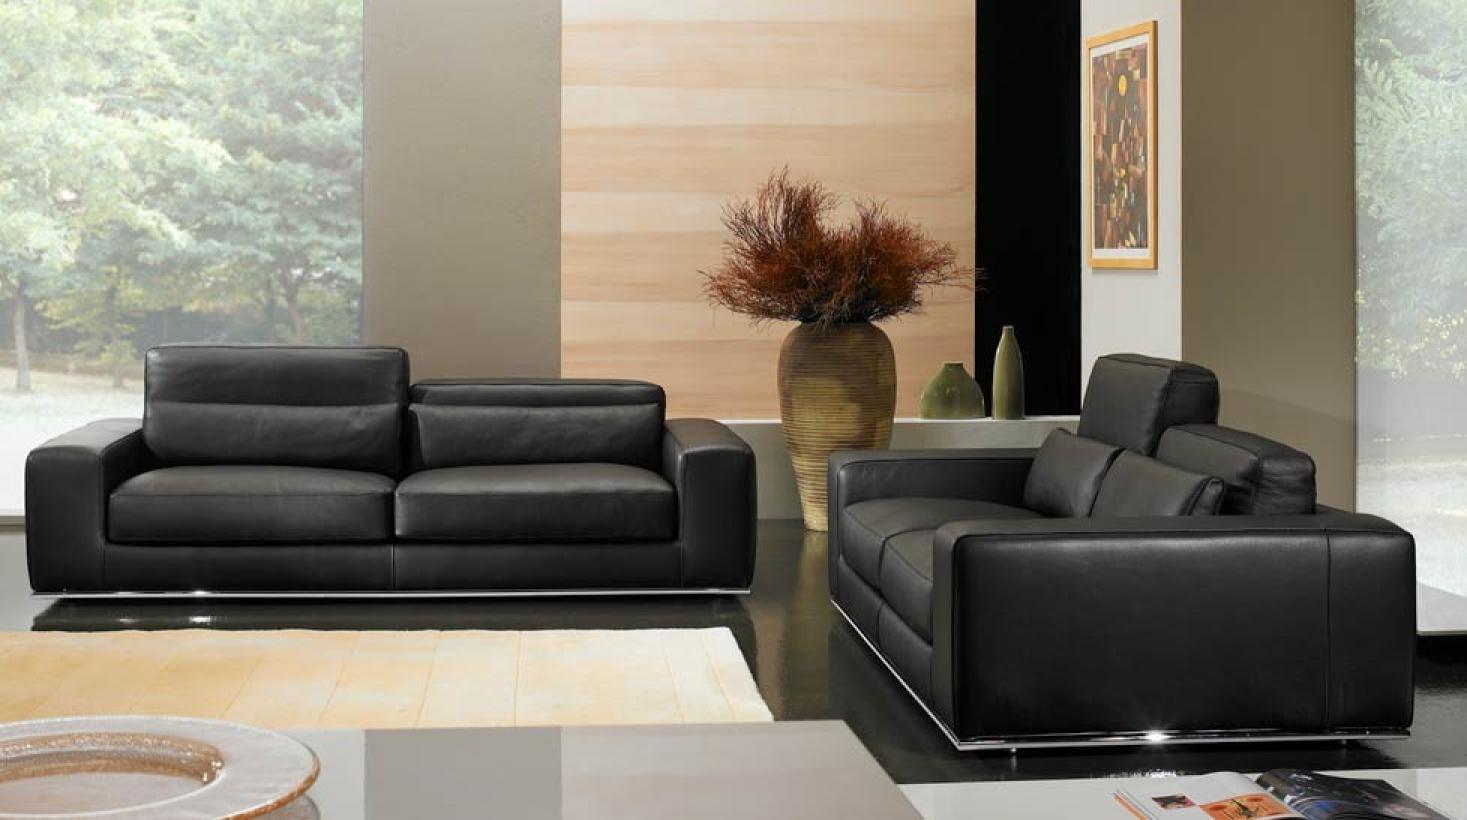 canap design luxe italien finest chambre enfant pour. Black Bedroom Furniture Sets. Home Design Ideas